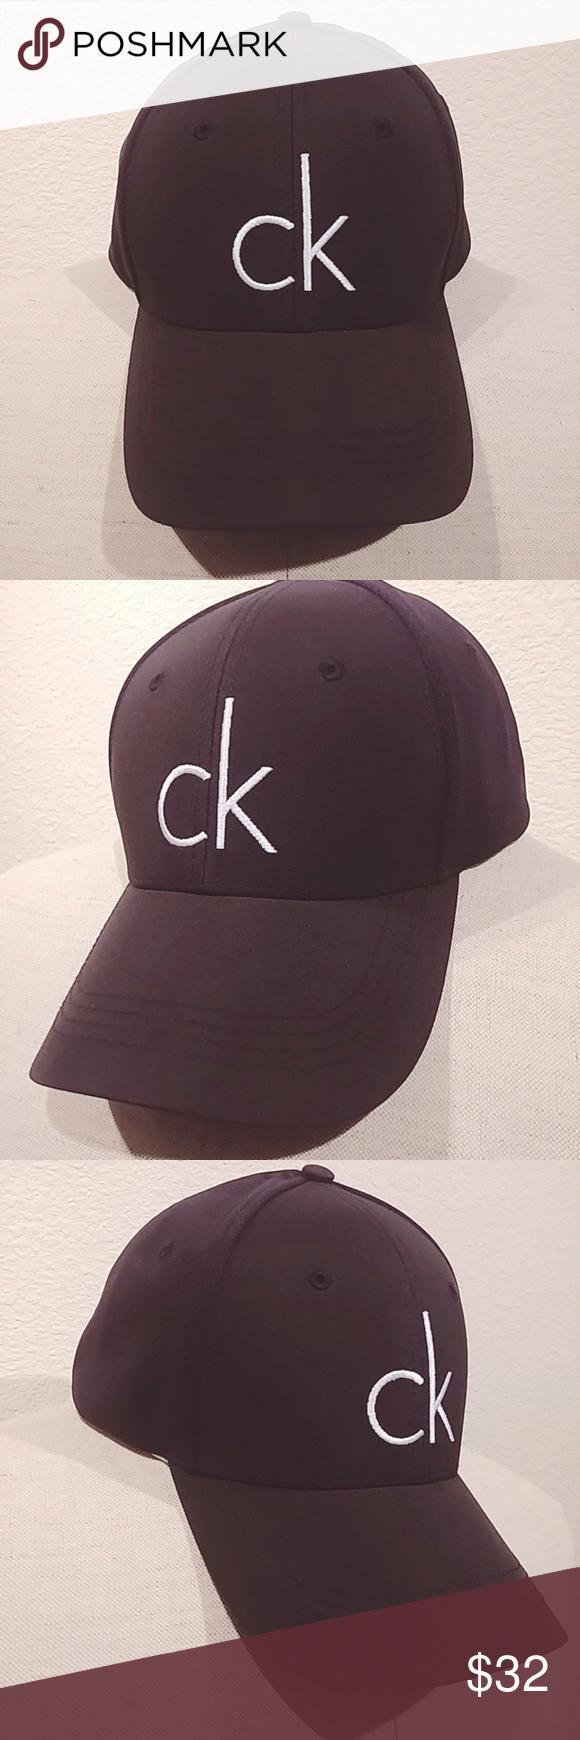 be539cd4debf5 Calvin Klein Cap NWT Calvin Klein Logo Cap